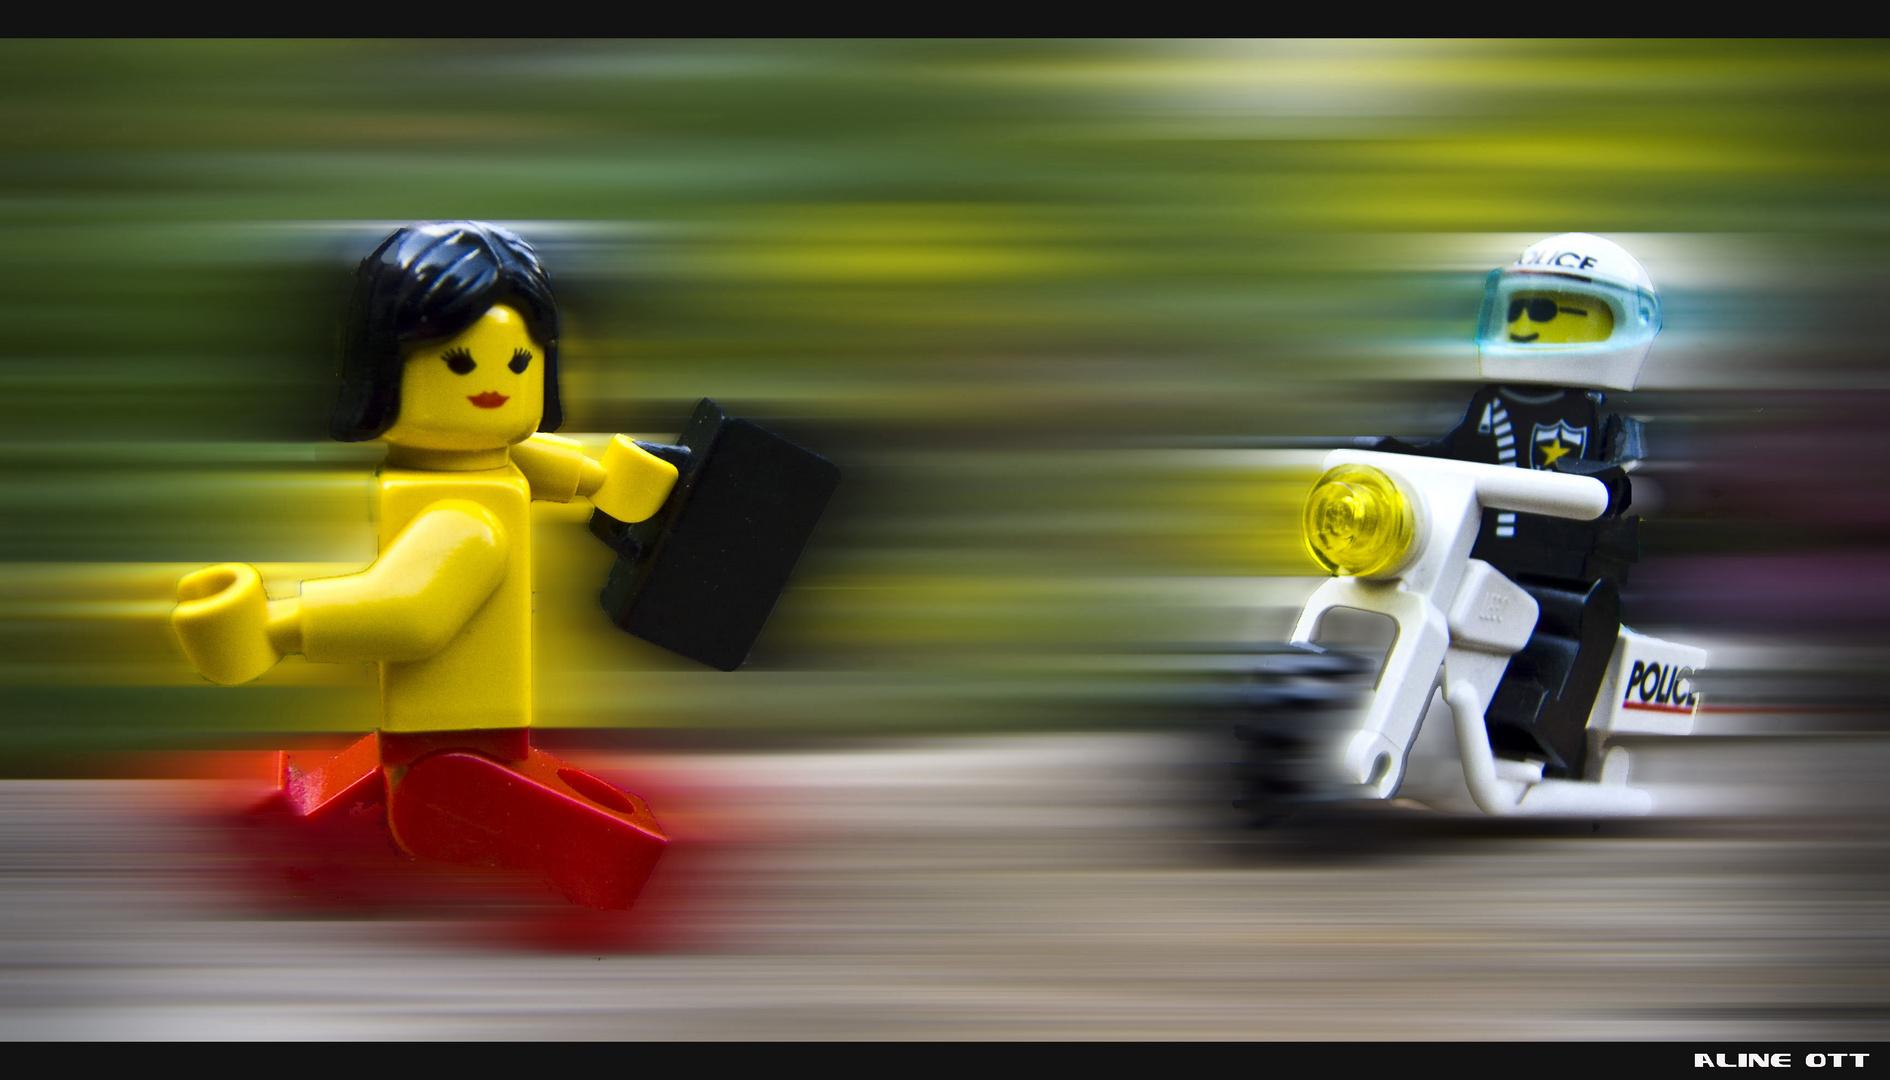 Lego rennt II